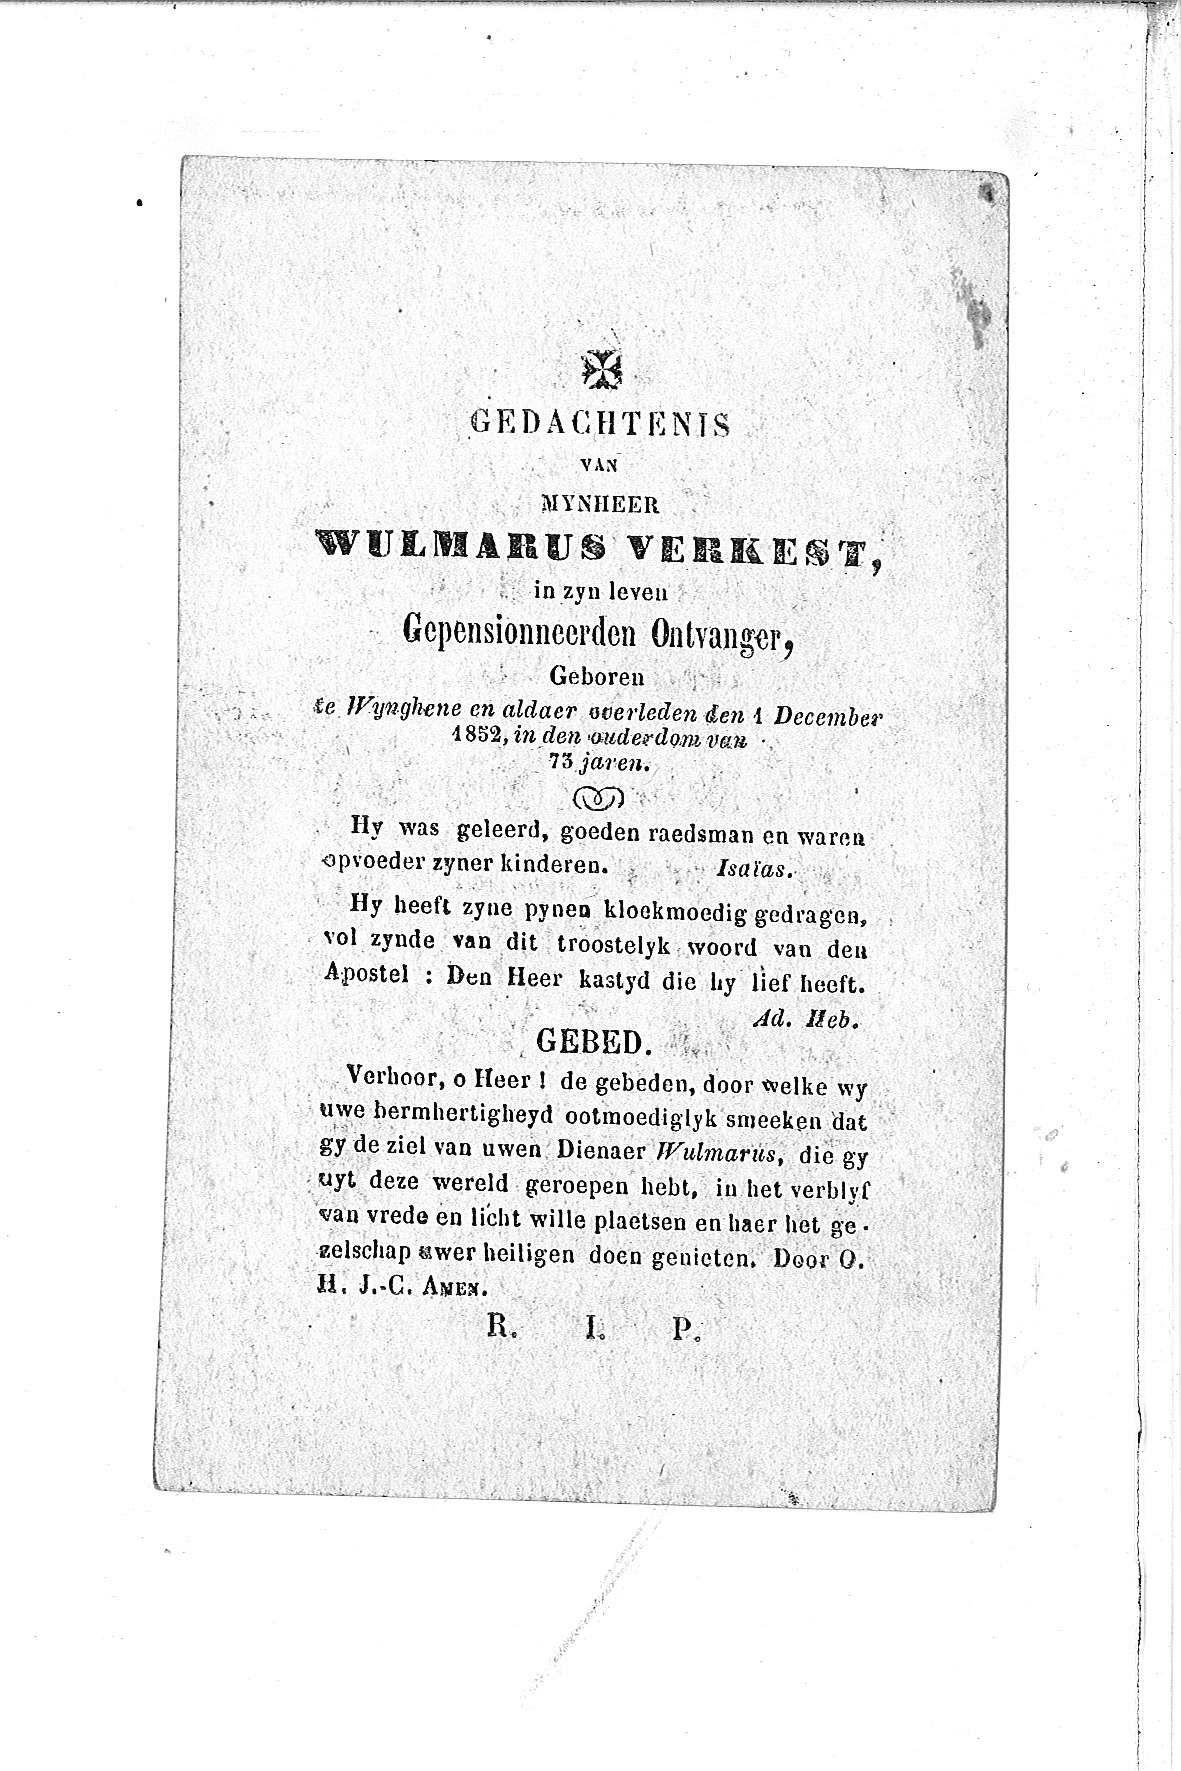 Wulmarus(1852)20100726084206_00062.jpg